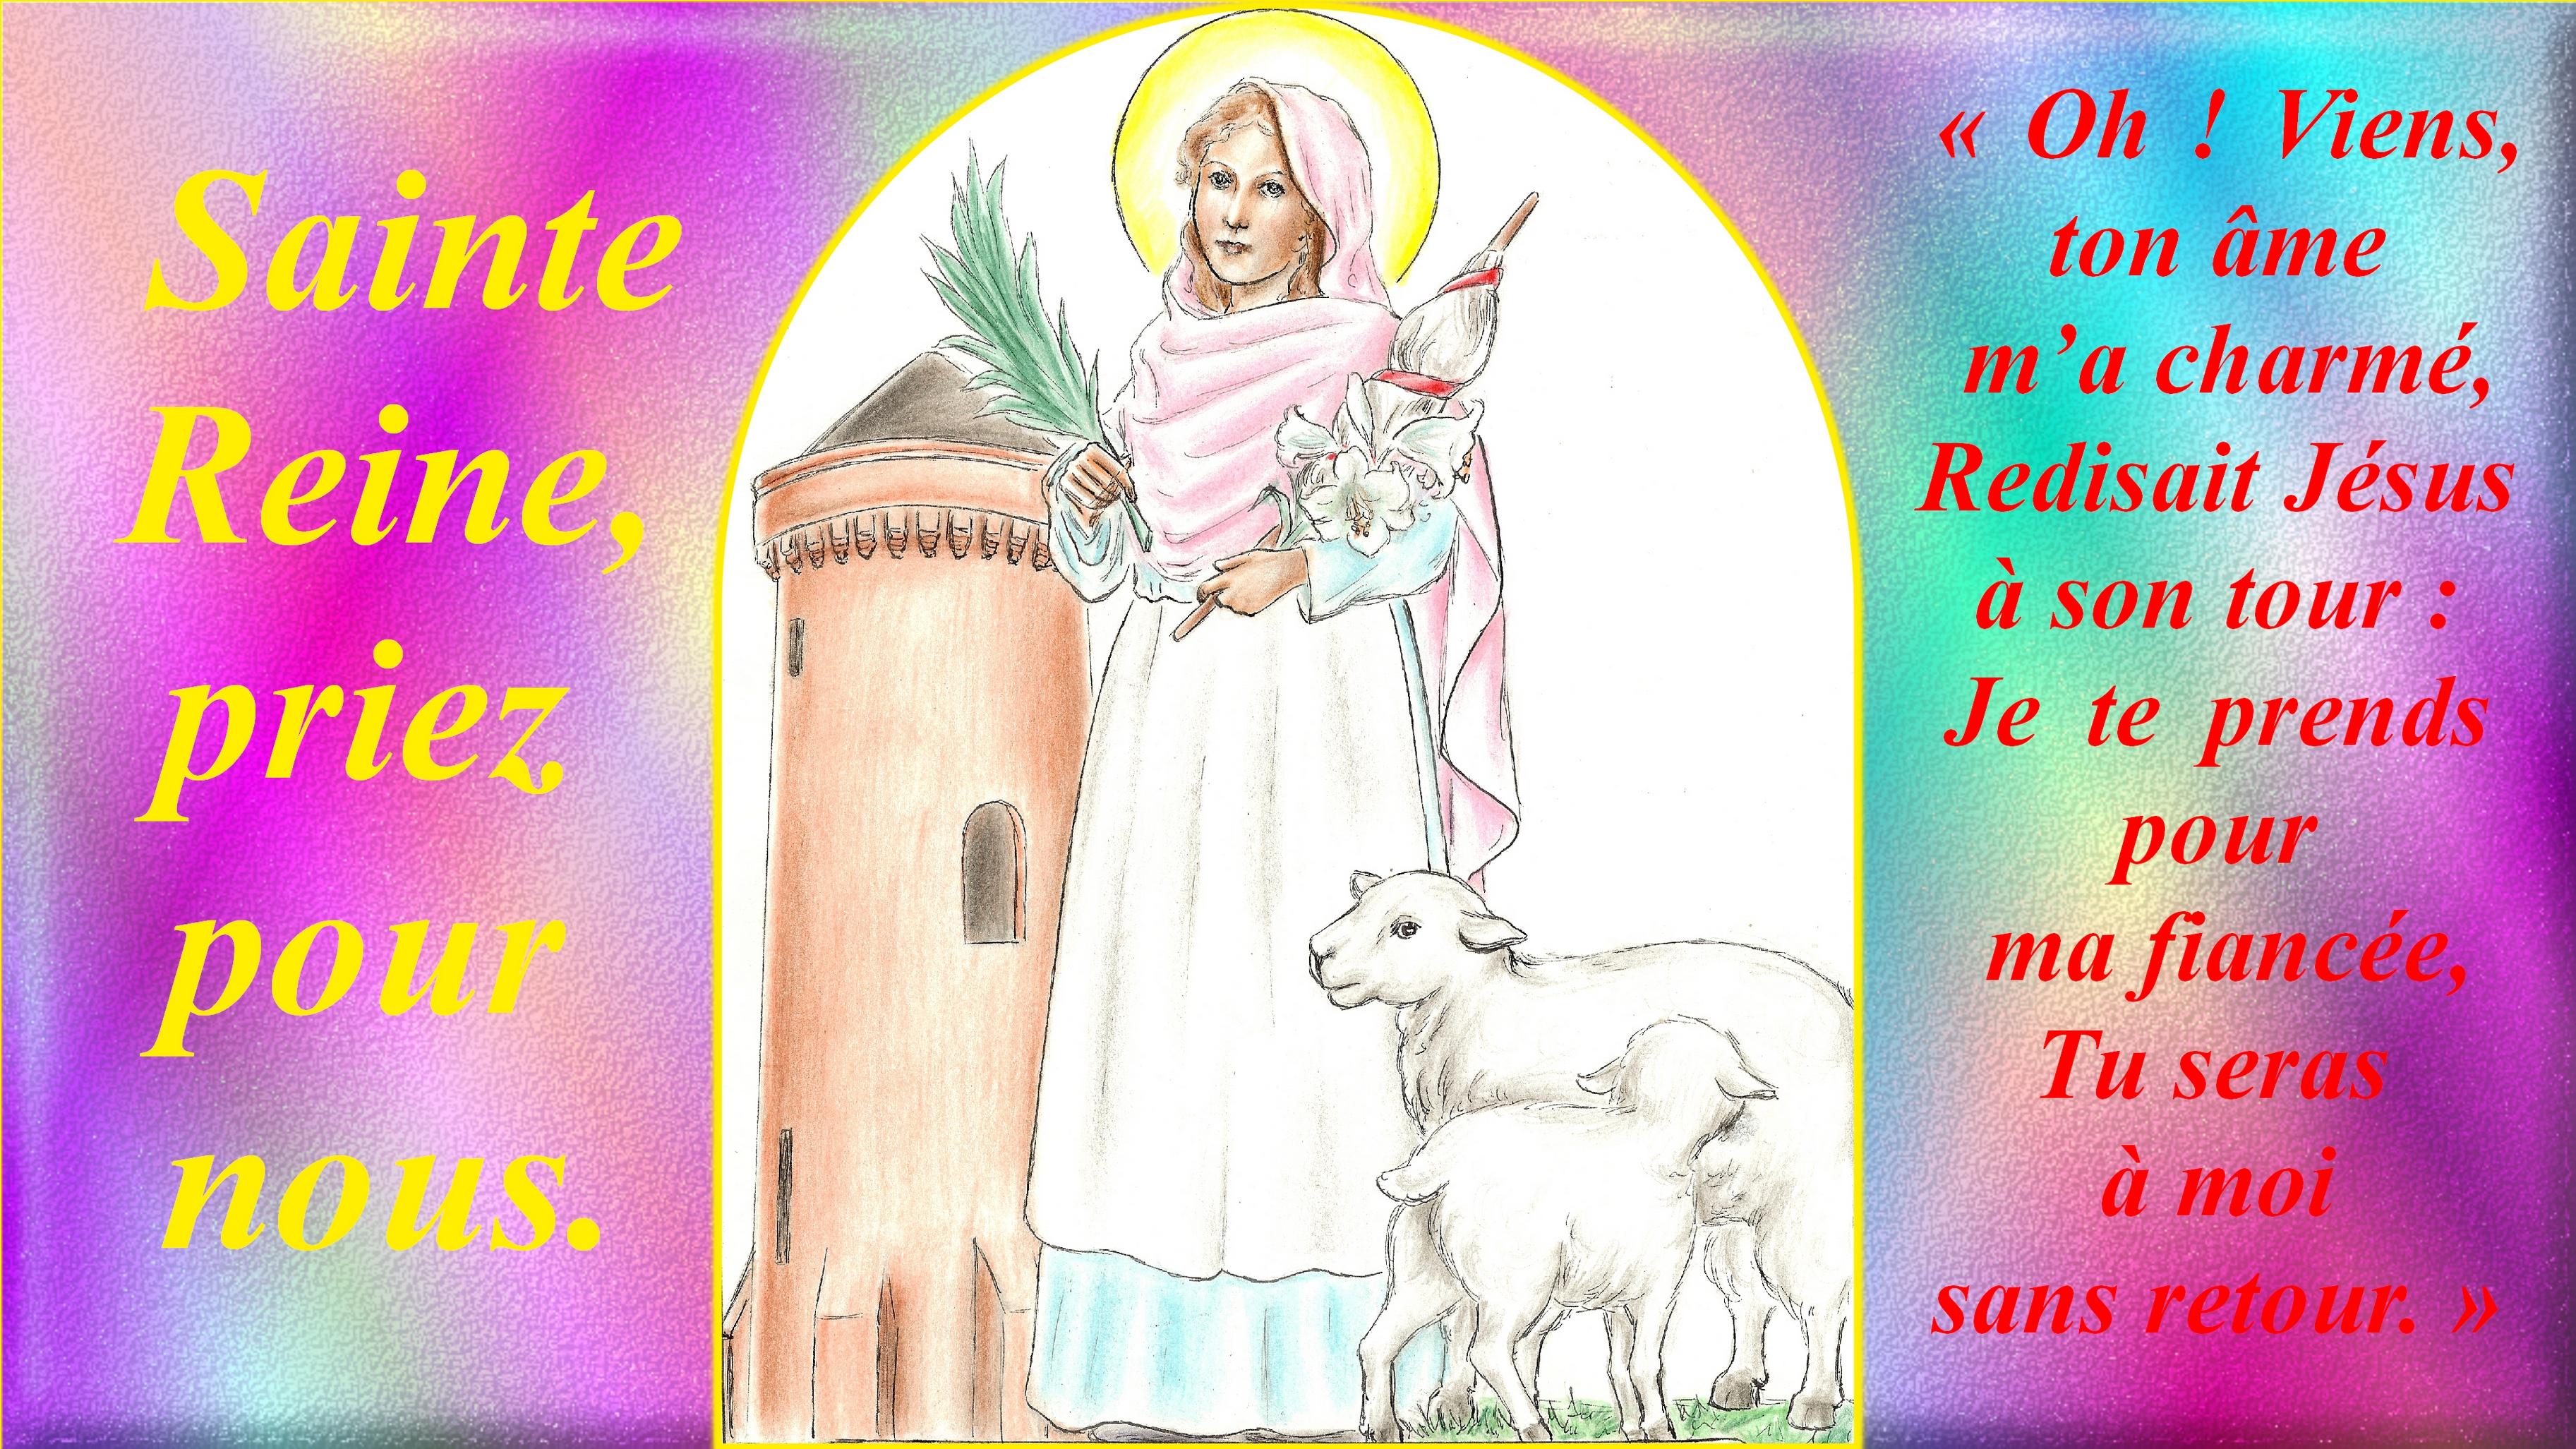 CALENDRIER CATHOLIQUE 2019 (Cantiques, Prières & Images) - Page 8 Ste-reine-568ae85